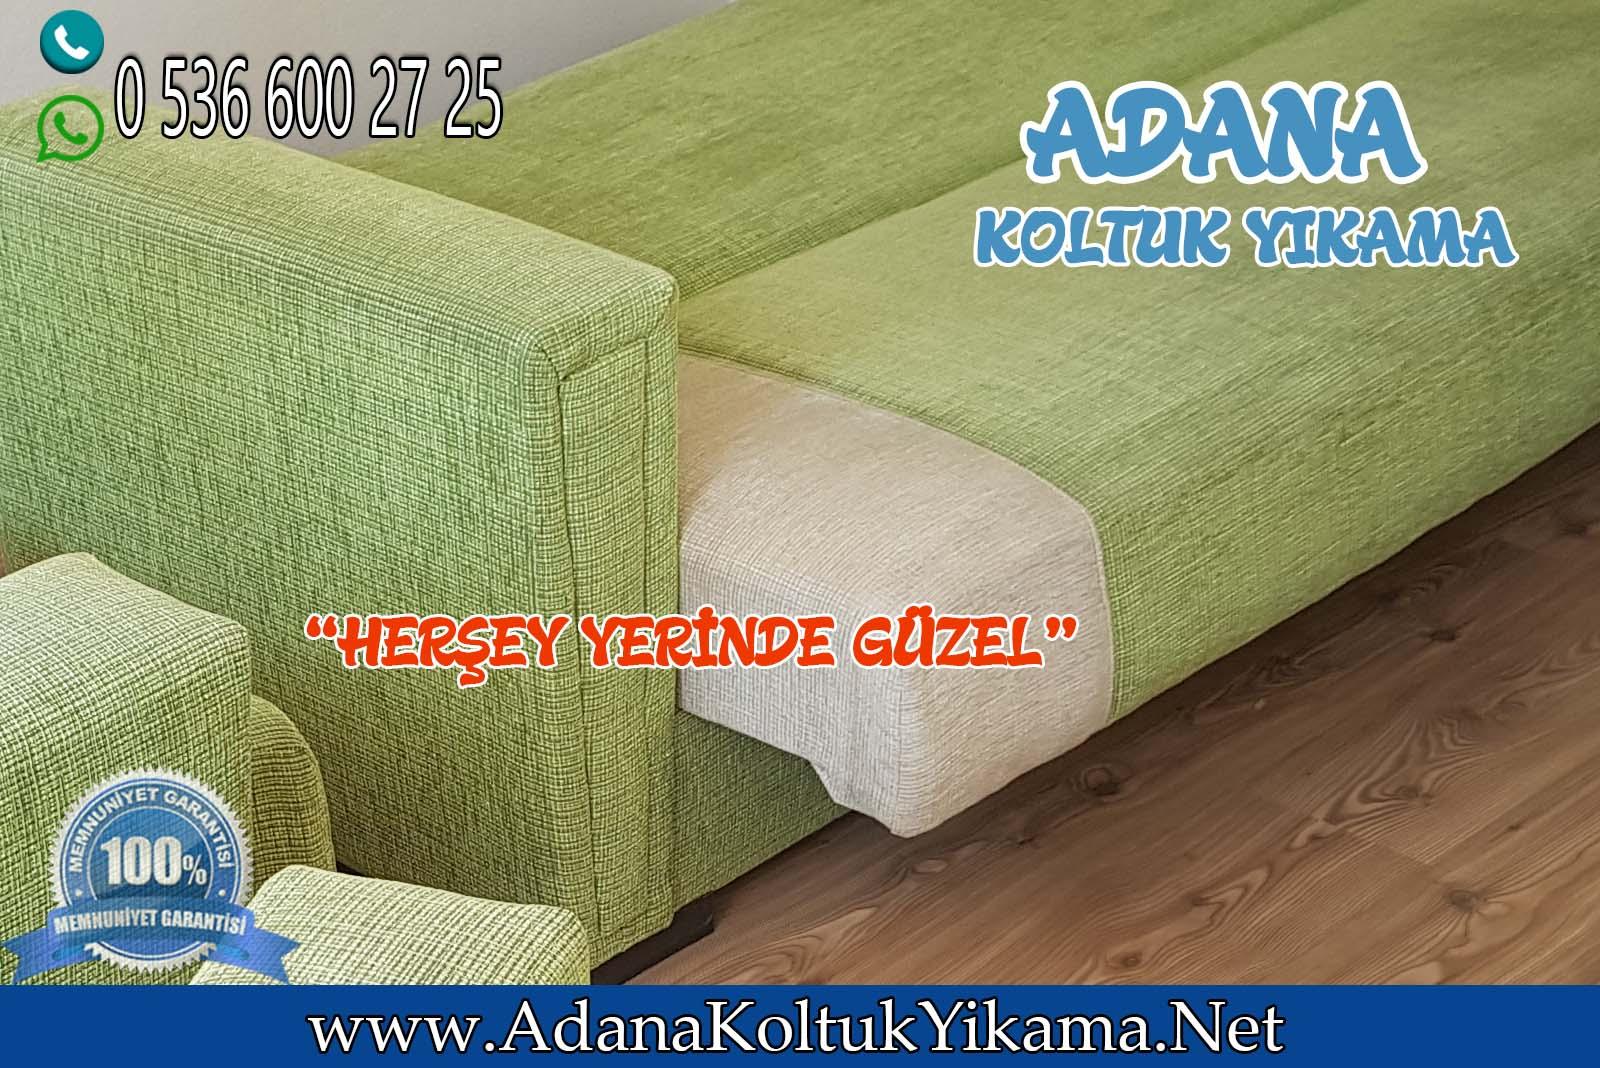 Adana Koltuk Yıkama 2000 Evler Çekyat + Mutfak Köşe Takımı Yıkama